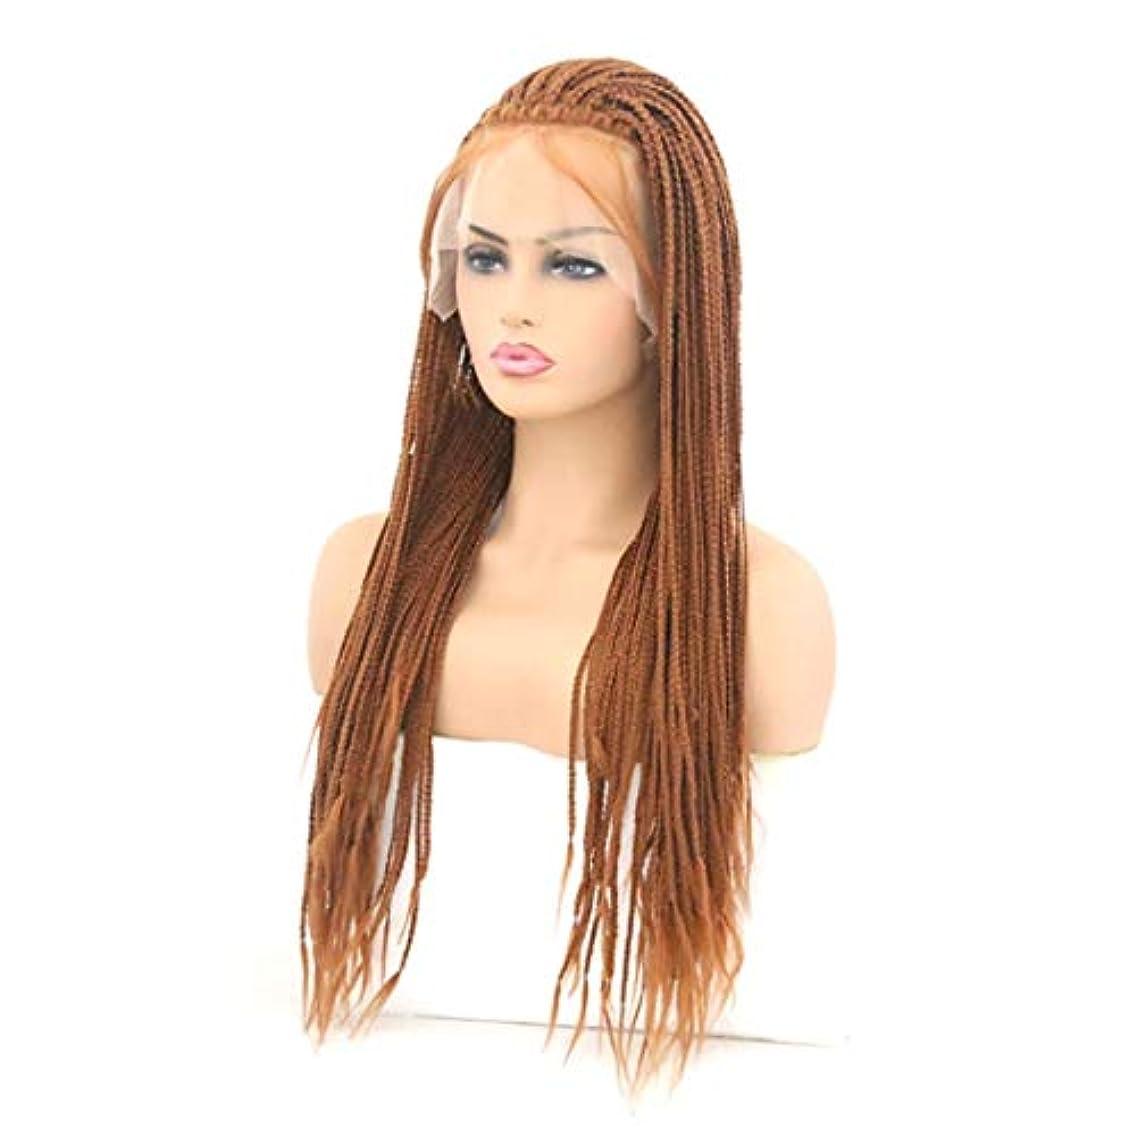 広げる愛されし者ダイアクリティカルKerwinner かつら女性のための傾斜前髪ショートカーリーヘアーワインレッド高温シルクウィッグ